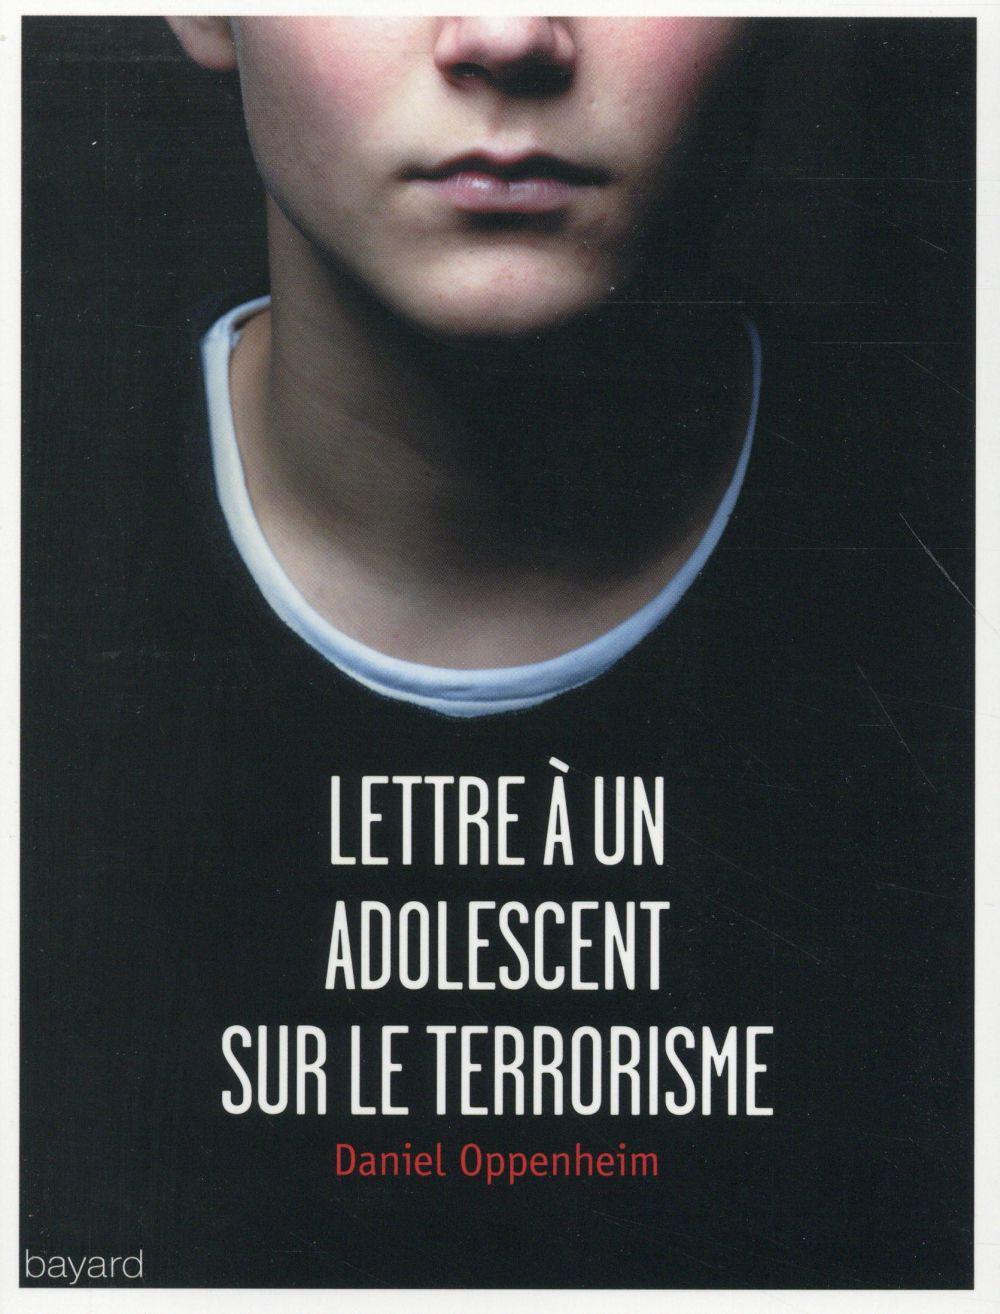 Lettre à un adolescent sur le terrorisme